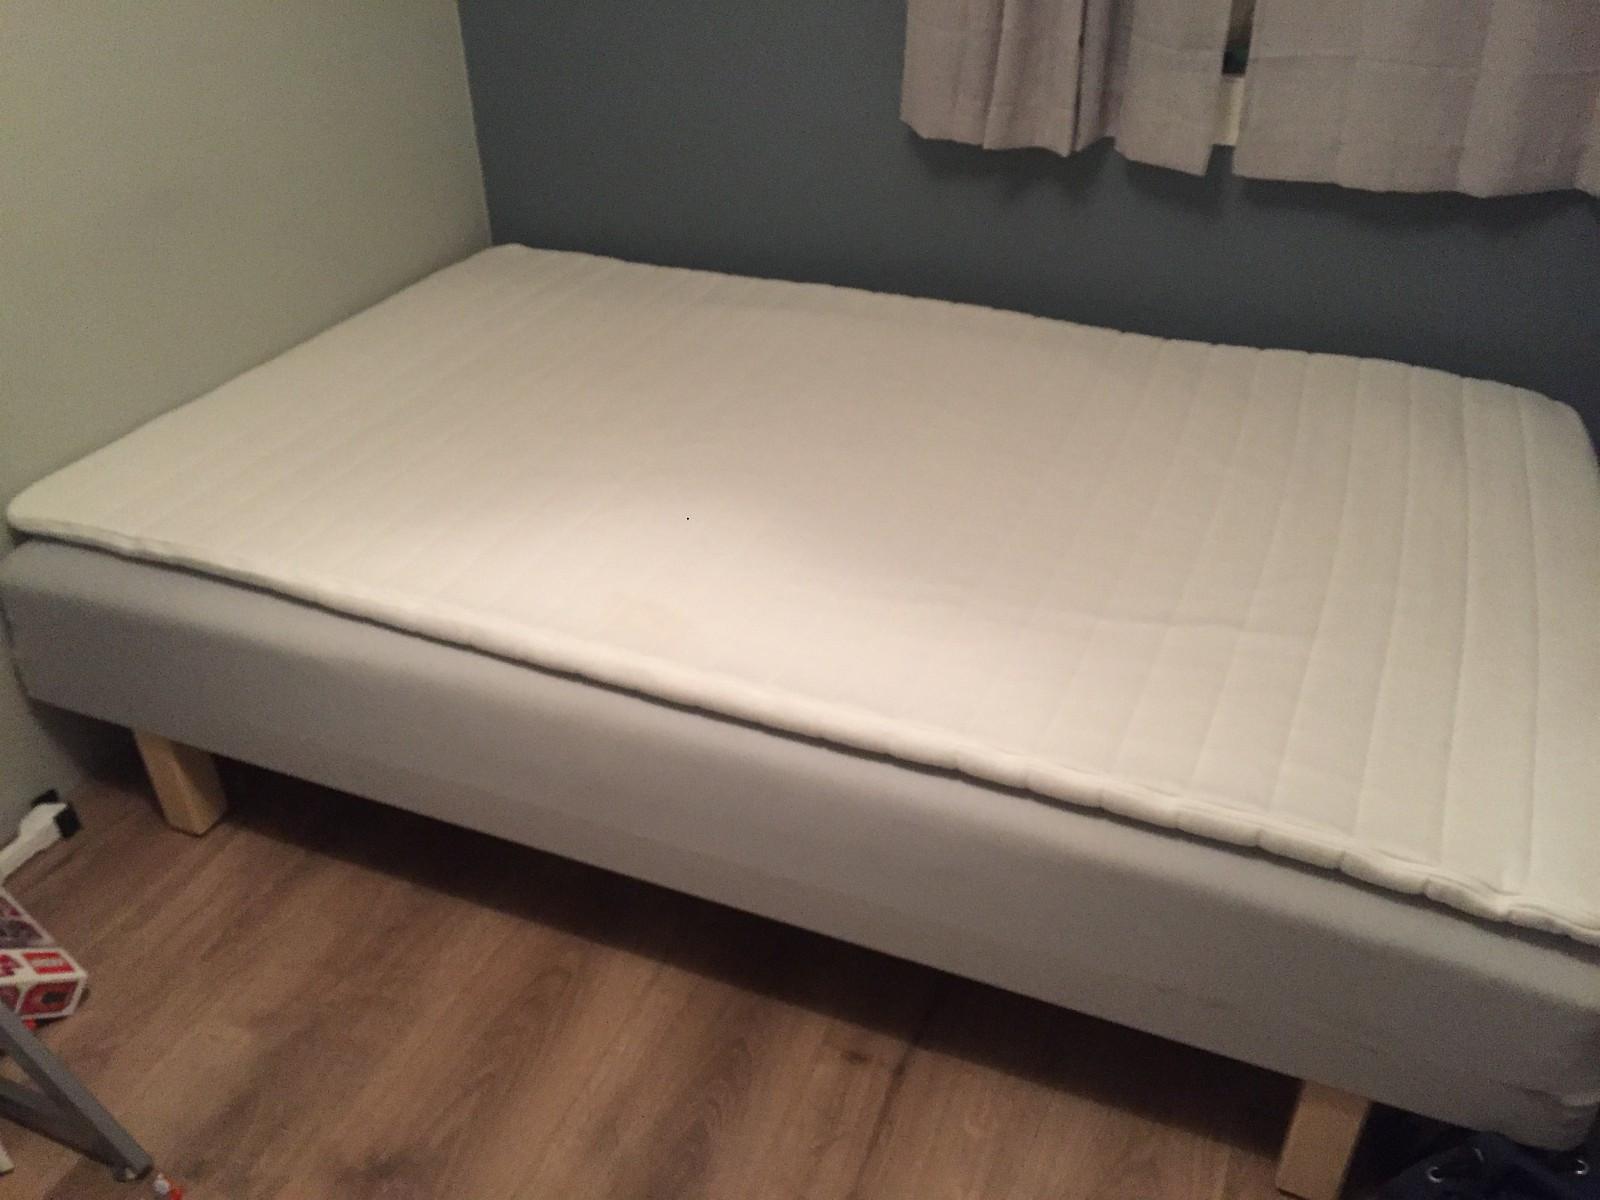 120 seng 120 Seng GEB02 | PromCoast 120 seng